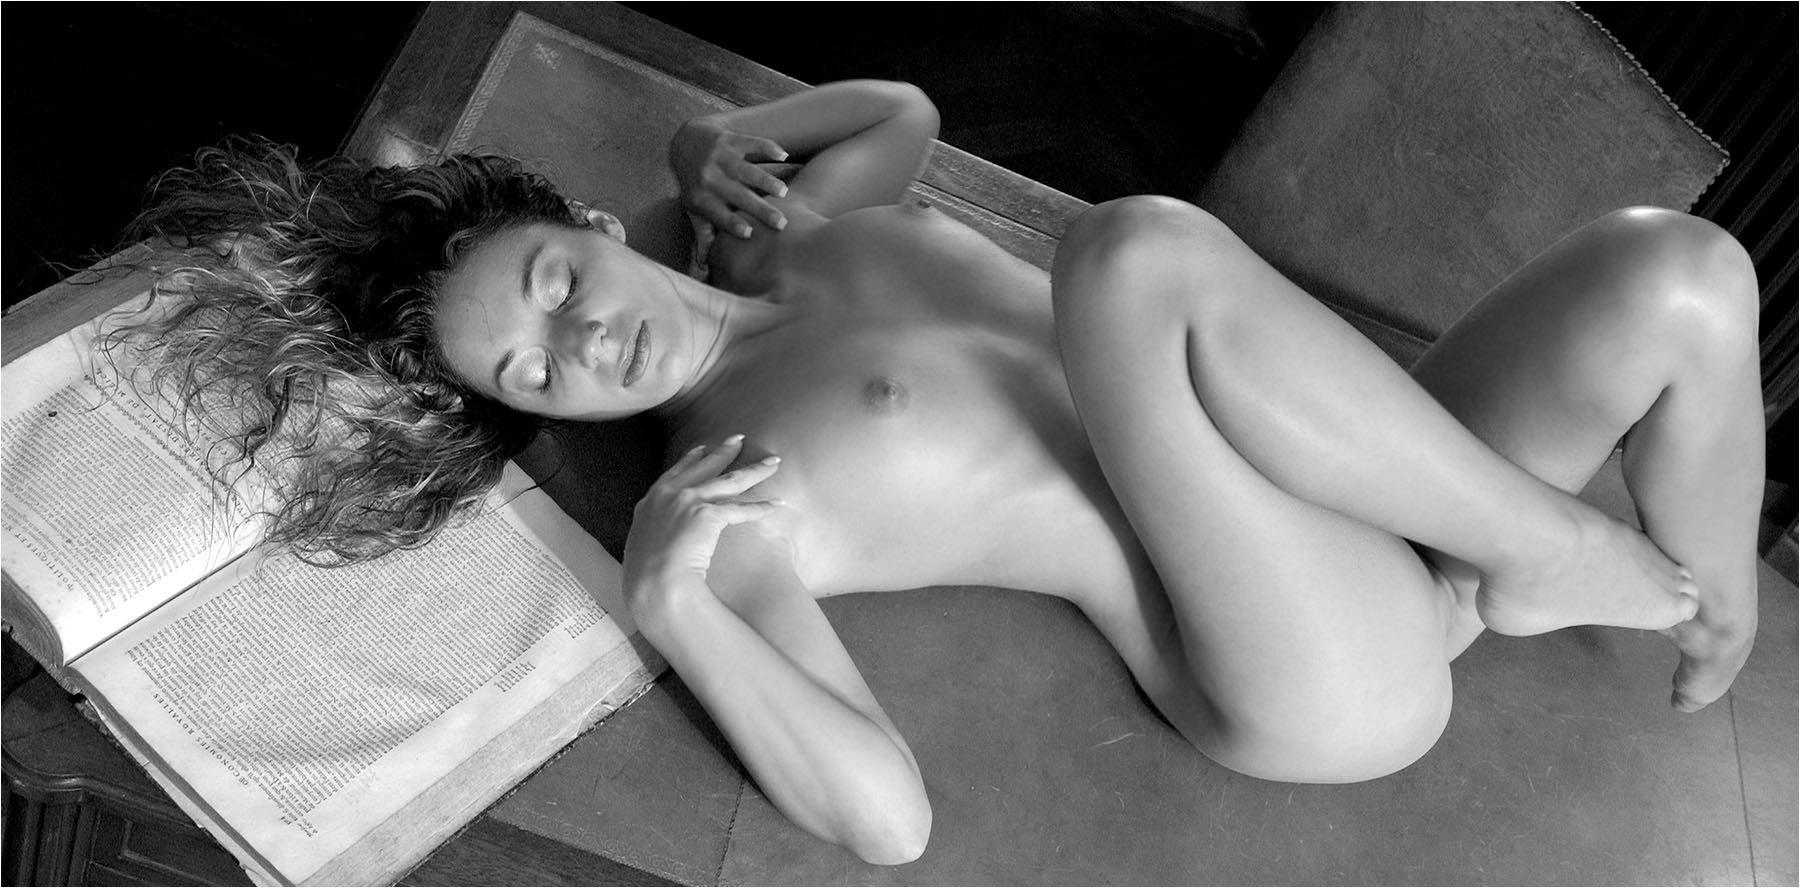 schloss frauen nackt